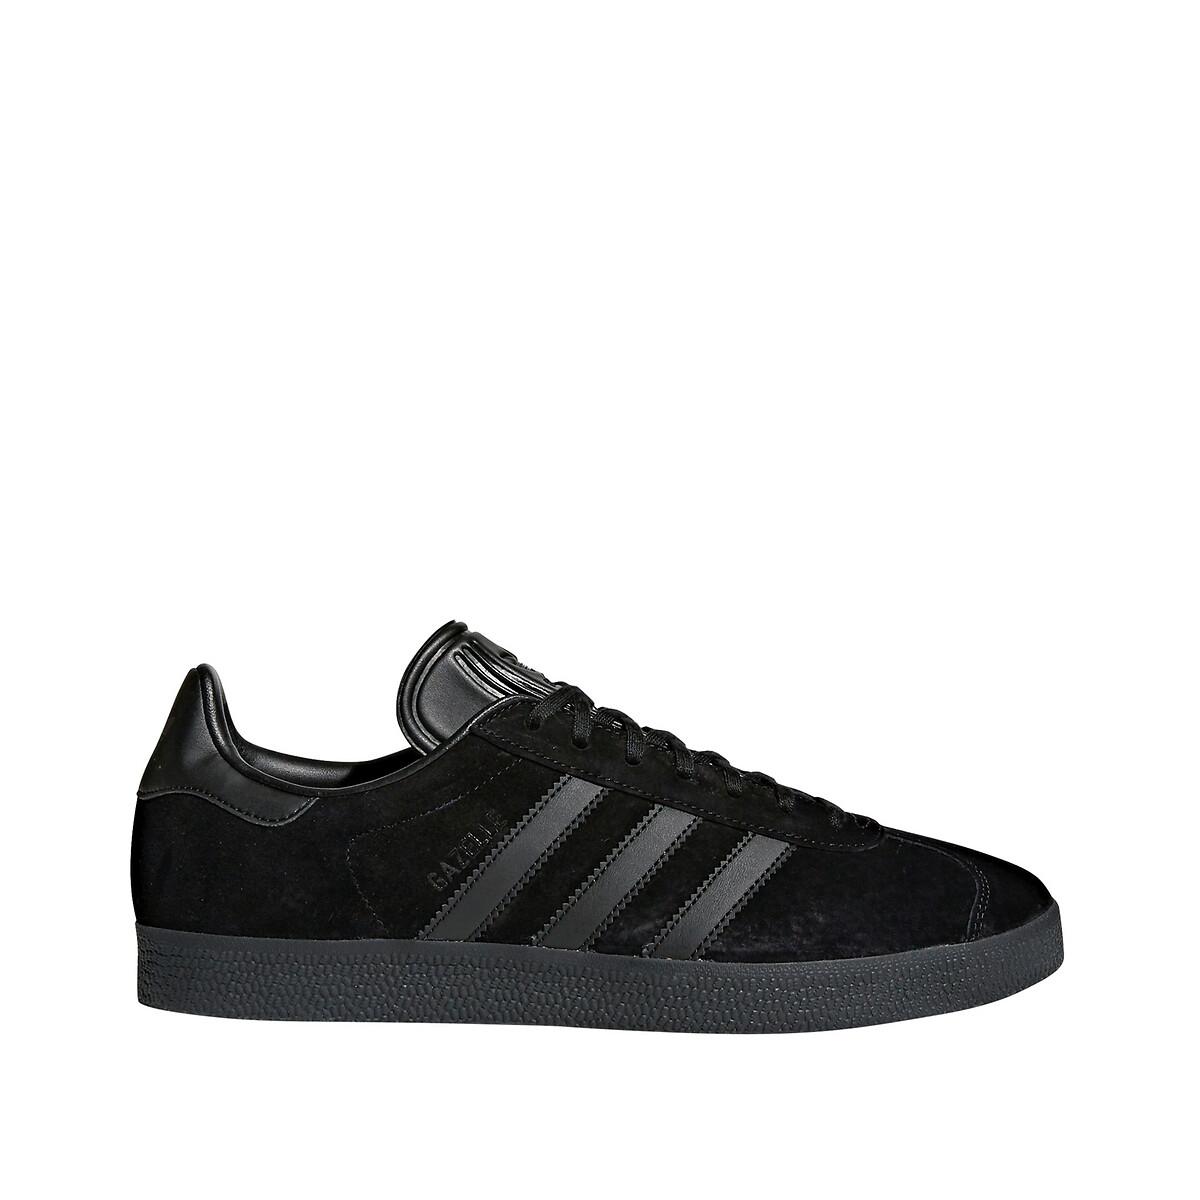 Adidas Originals Gazelle Heren Zwart Heren online kopen